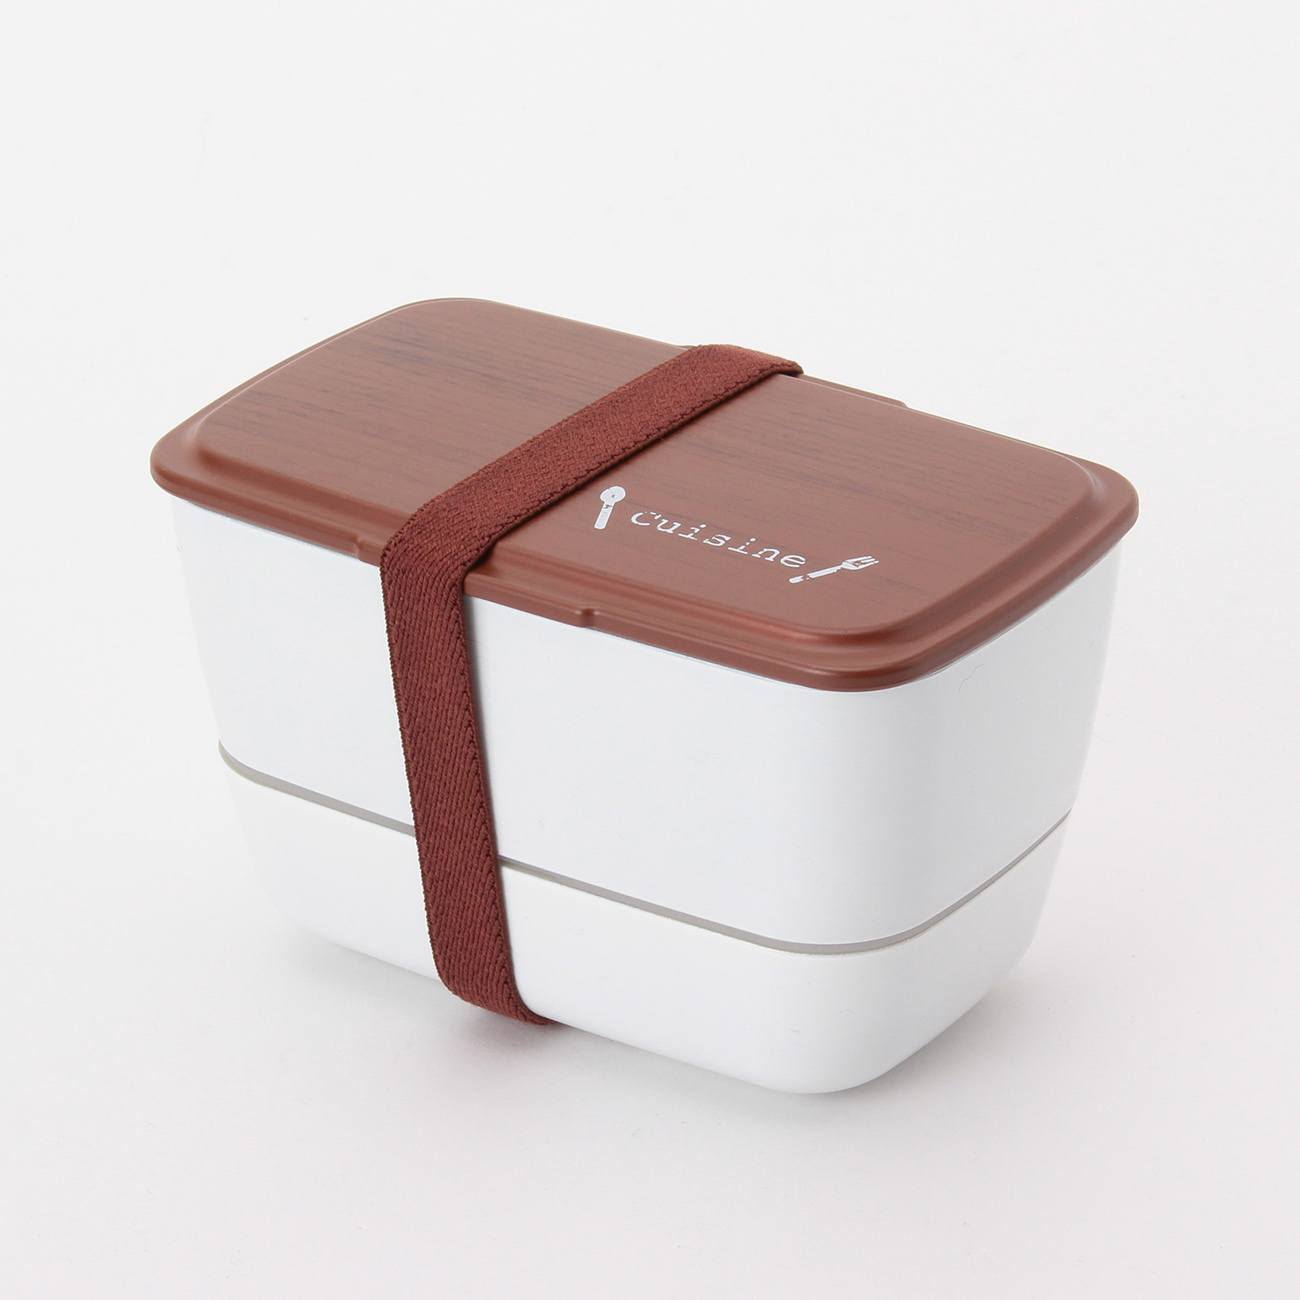 【grove (グローブ)】COOL BENTO 2段お弁当箱レディース キッチン・テーブルウェア|キッチン雑貨 キャメル